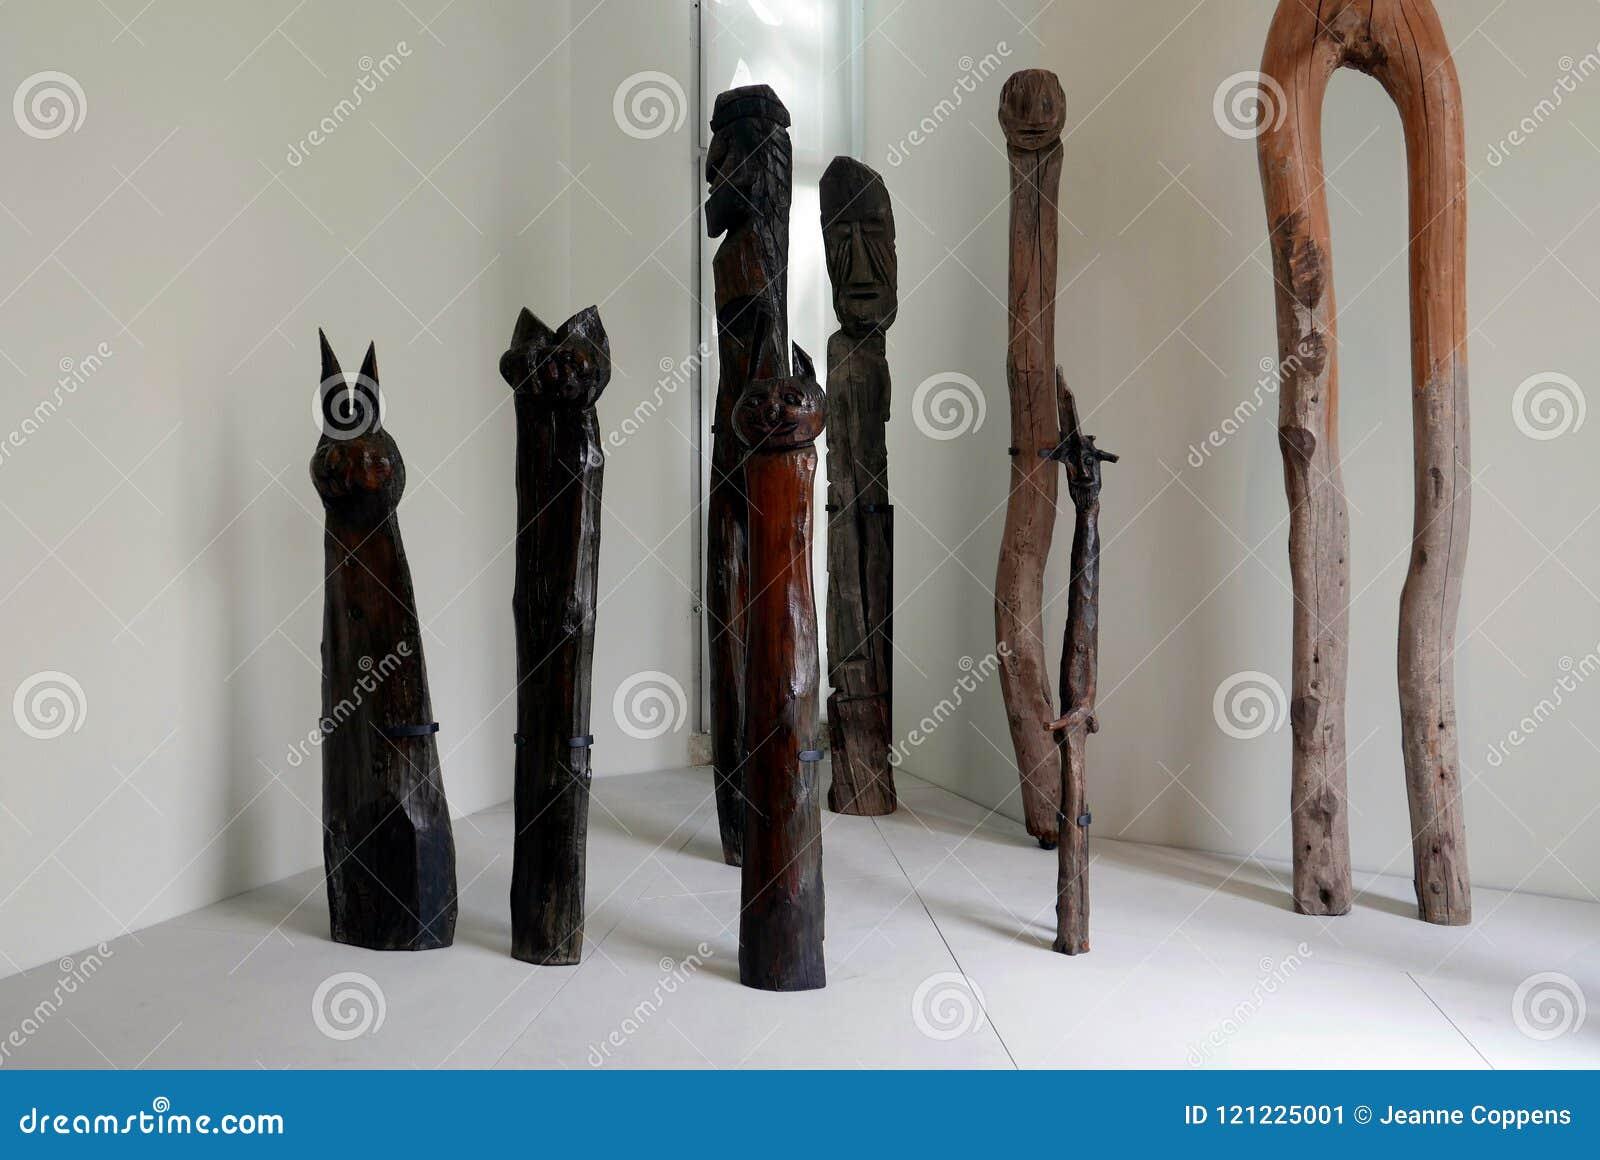 Πρωτόγονες ξύλινες γλυπτικές